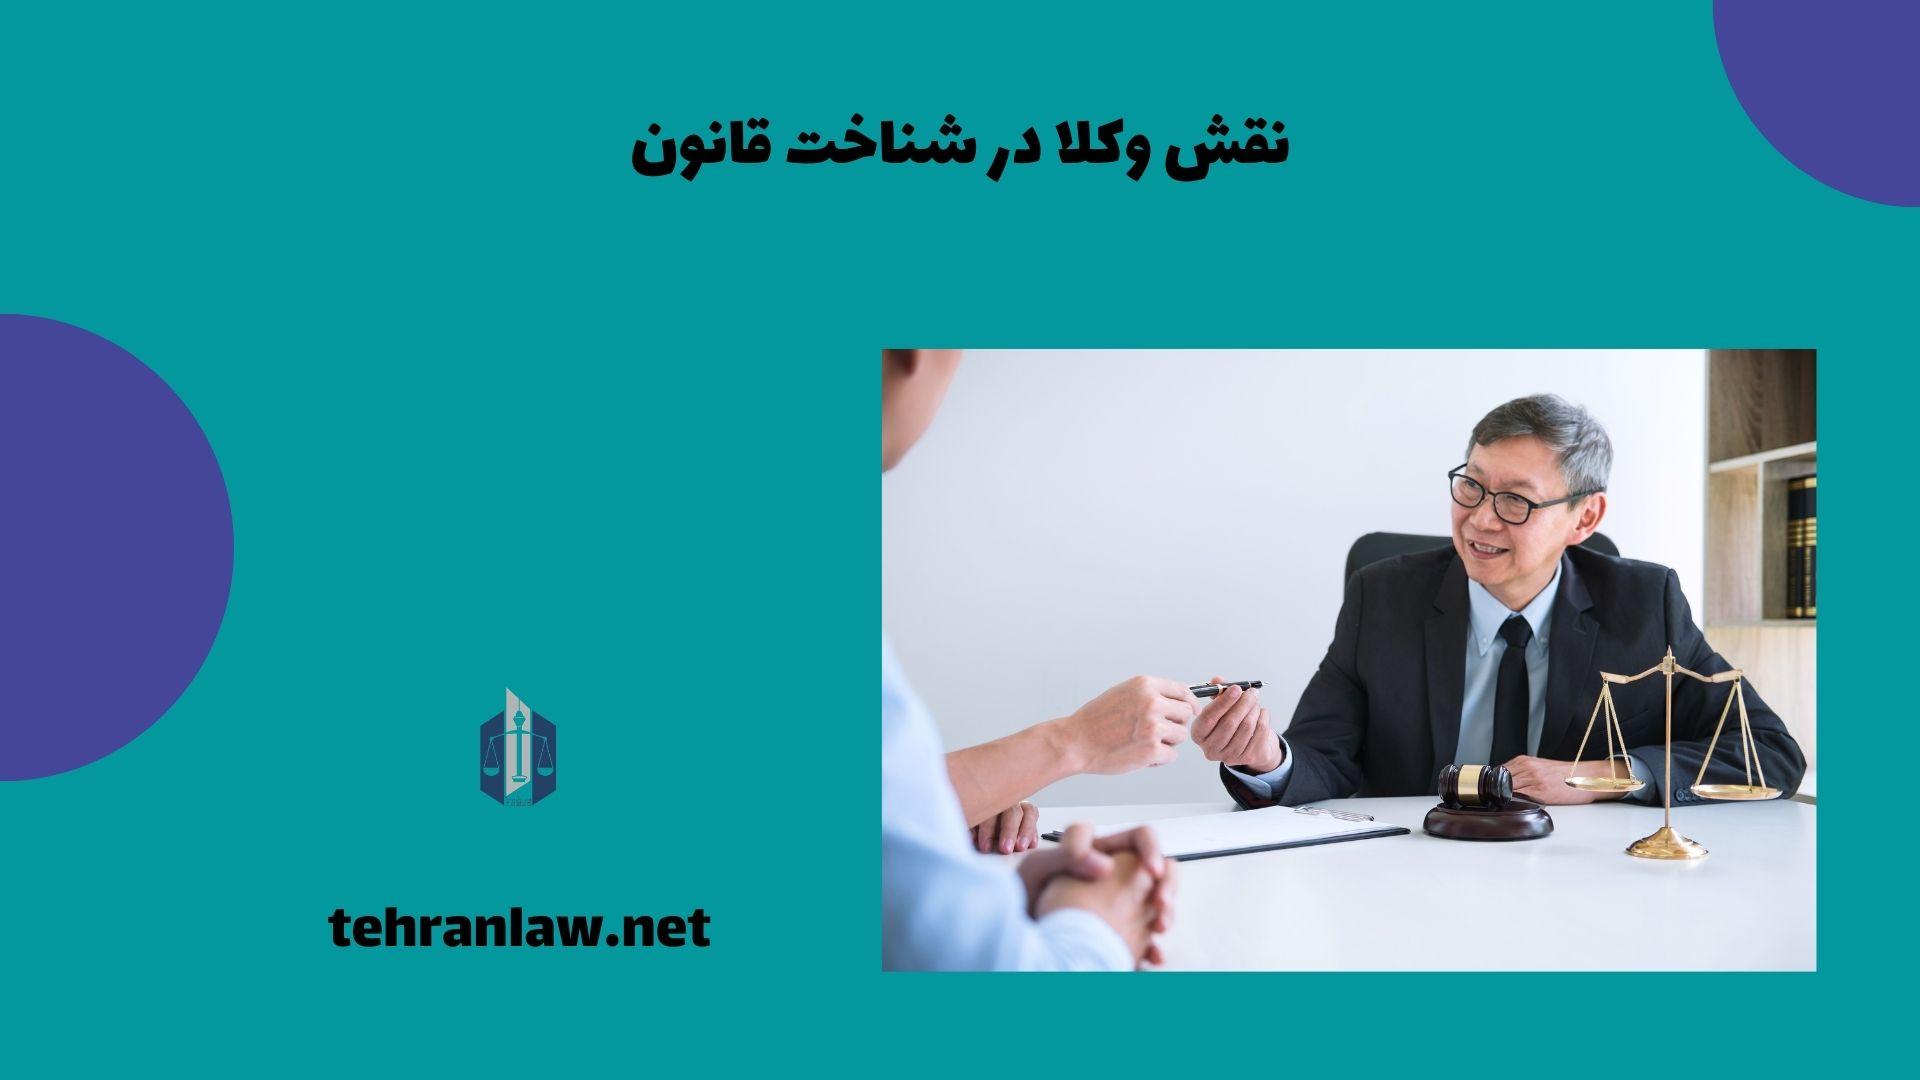 نقش وکلا در شناخت قانون